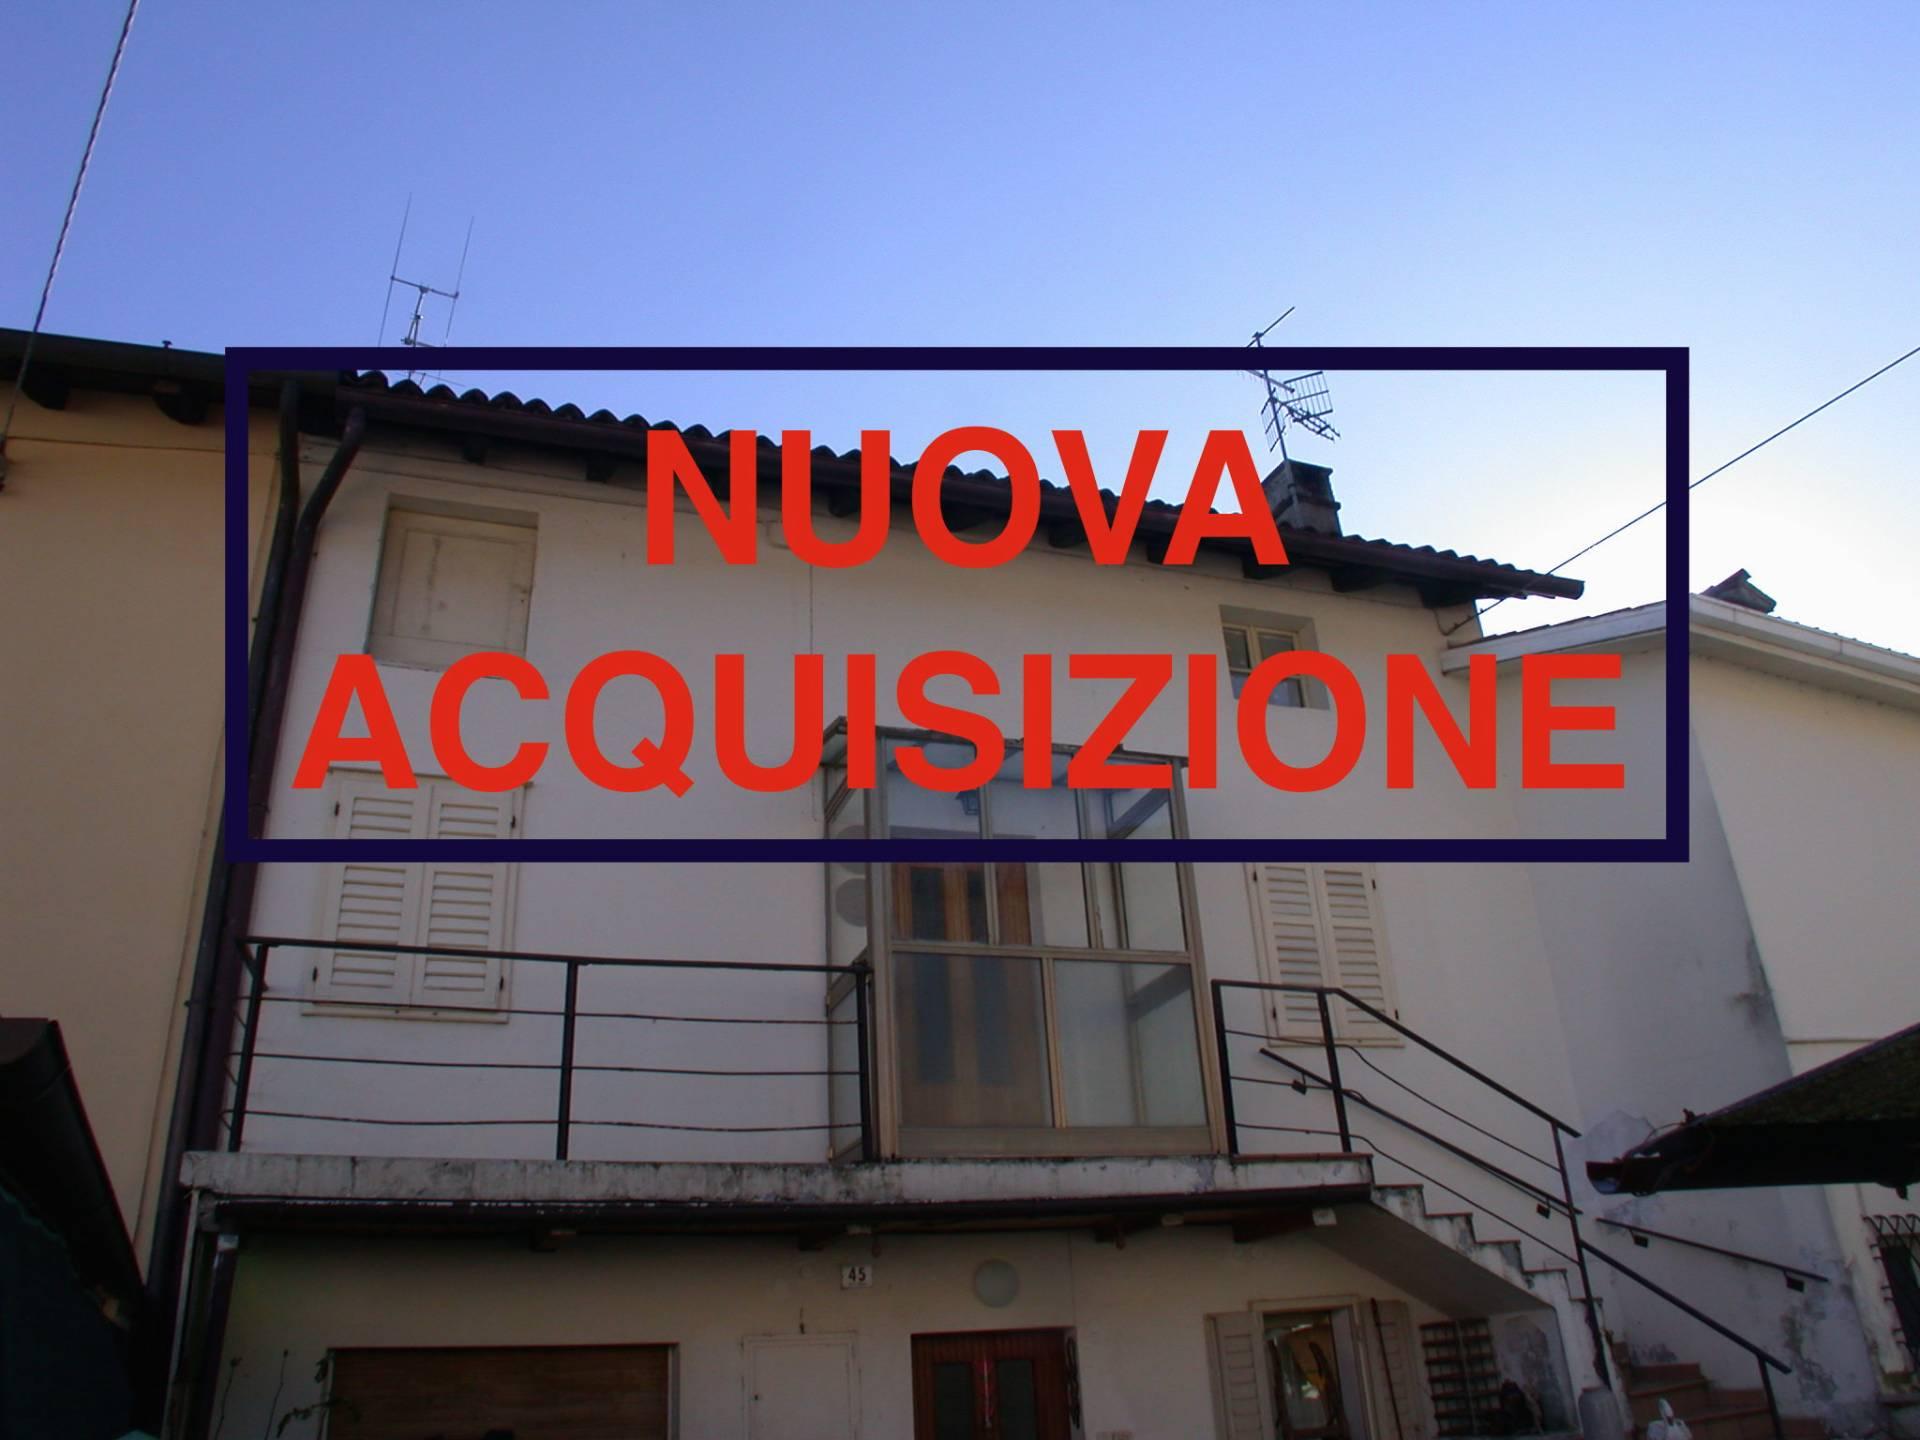 Appartamento in vendita a Gorizia, 9 locali, zona Località: Piedimonte, prezzo € 42.000 | Cambio Casa.it